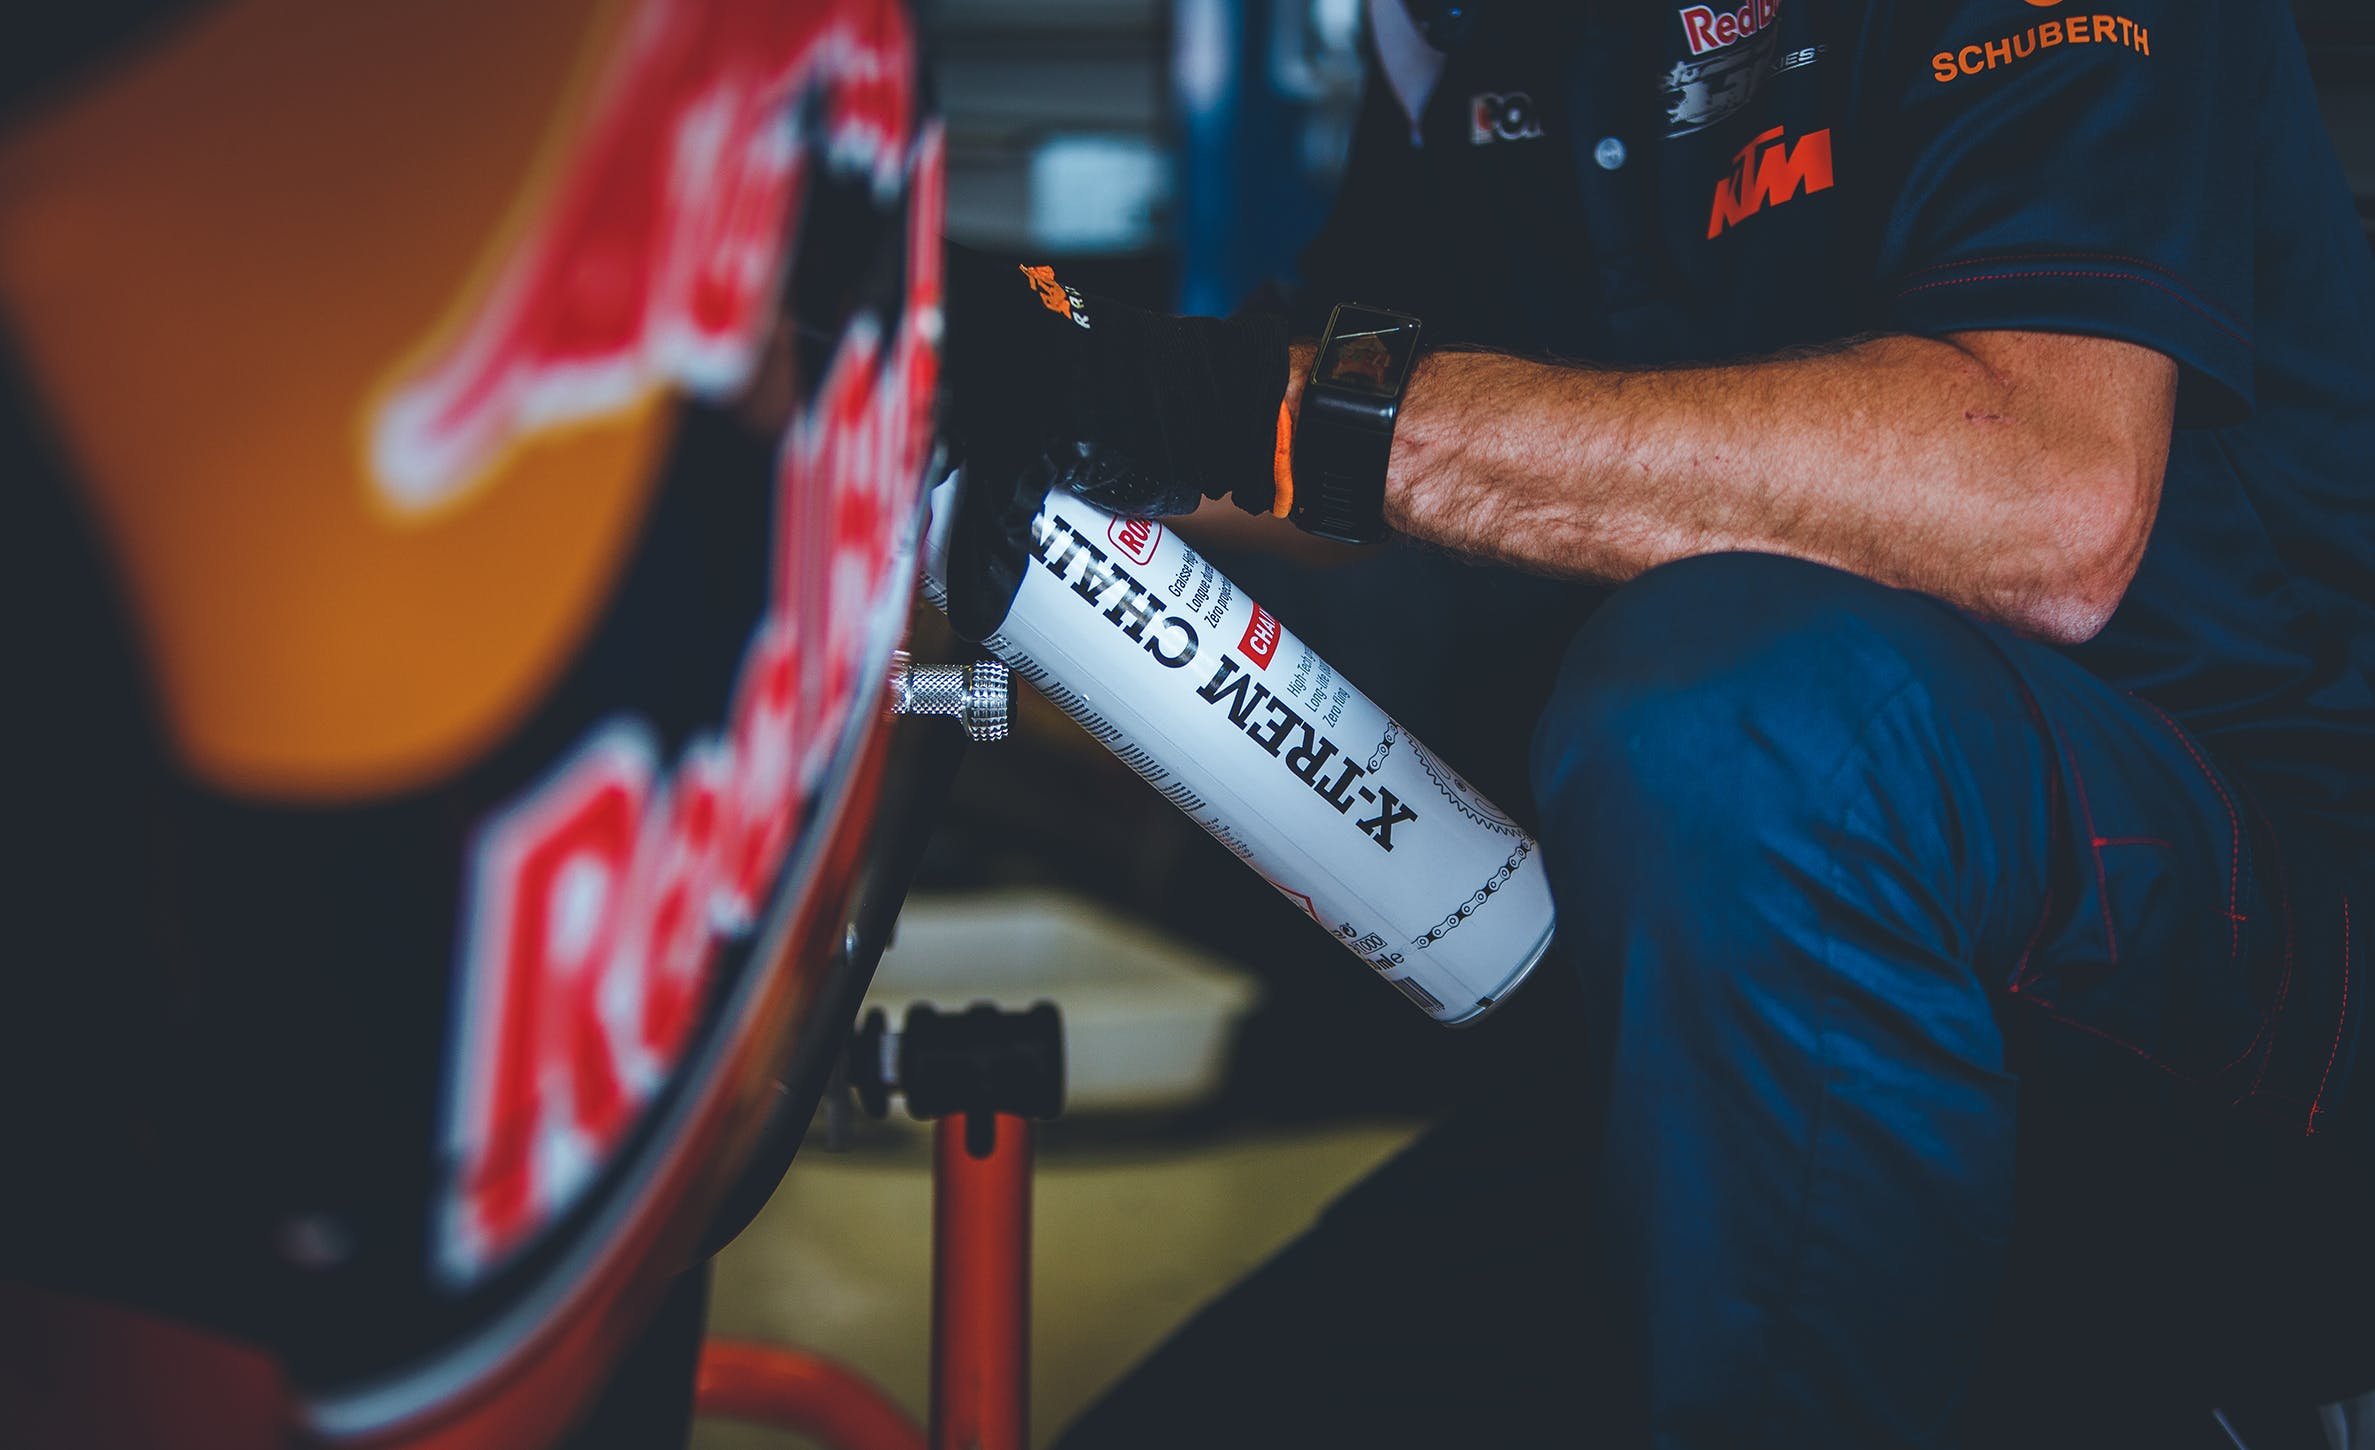 Graisse de chaîne x-trem chain road Red Bull Rookies Cup